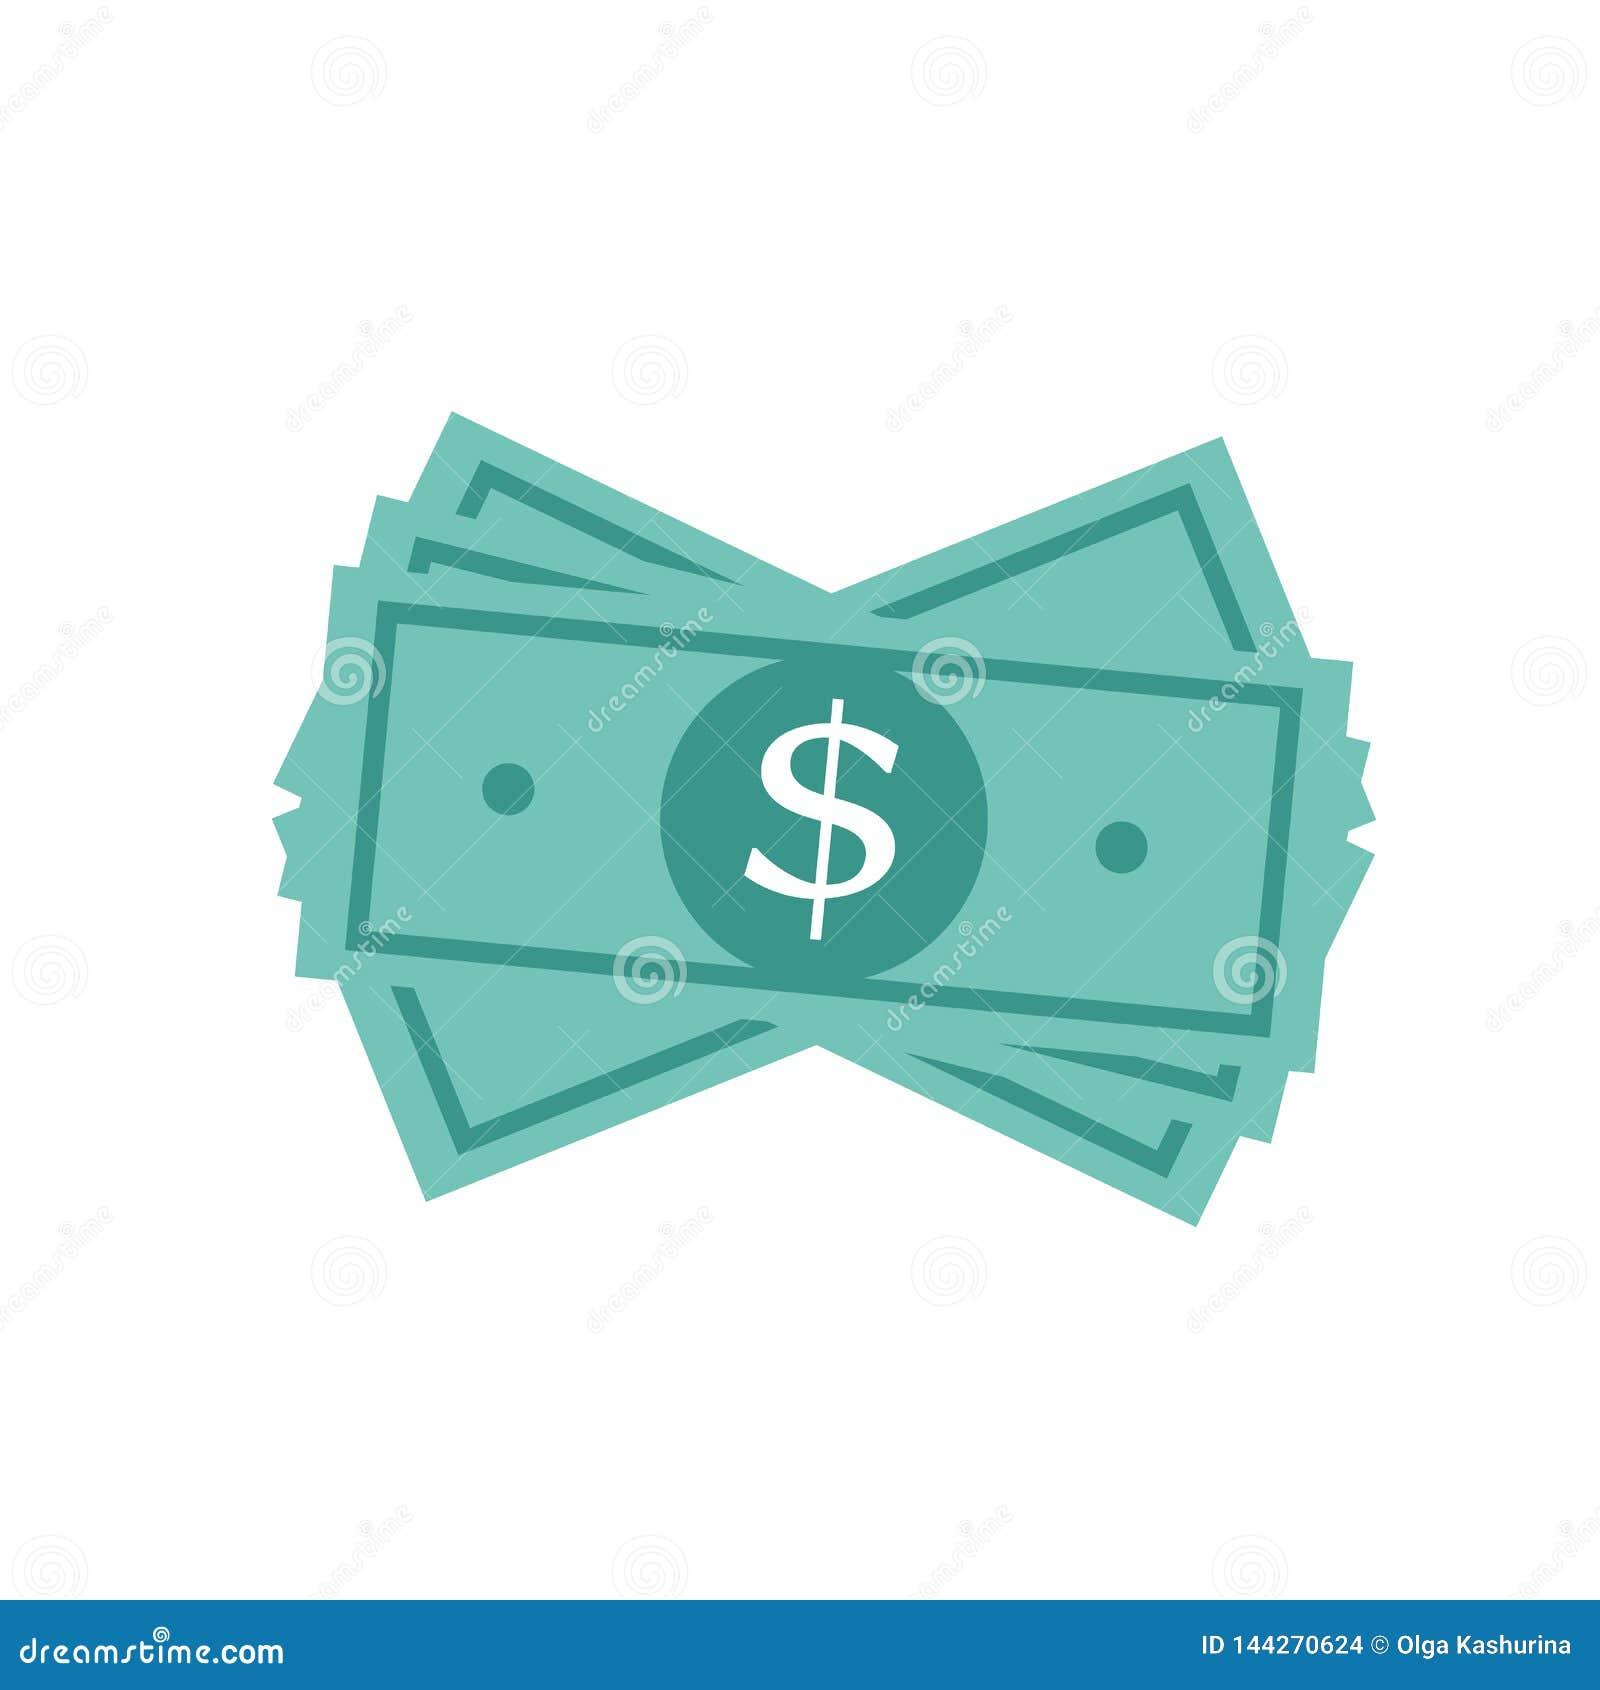 εικονίδιο μετρητών χρημάτων δολαρίων, κατάλογος μετρητών, πληρωμή χρημάτων, σημάδι δολαρίων